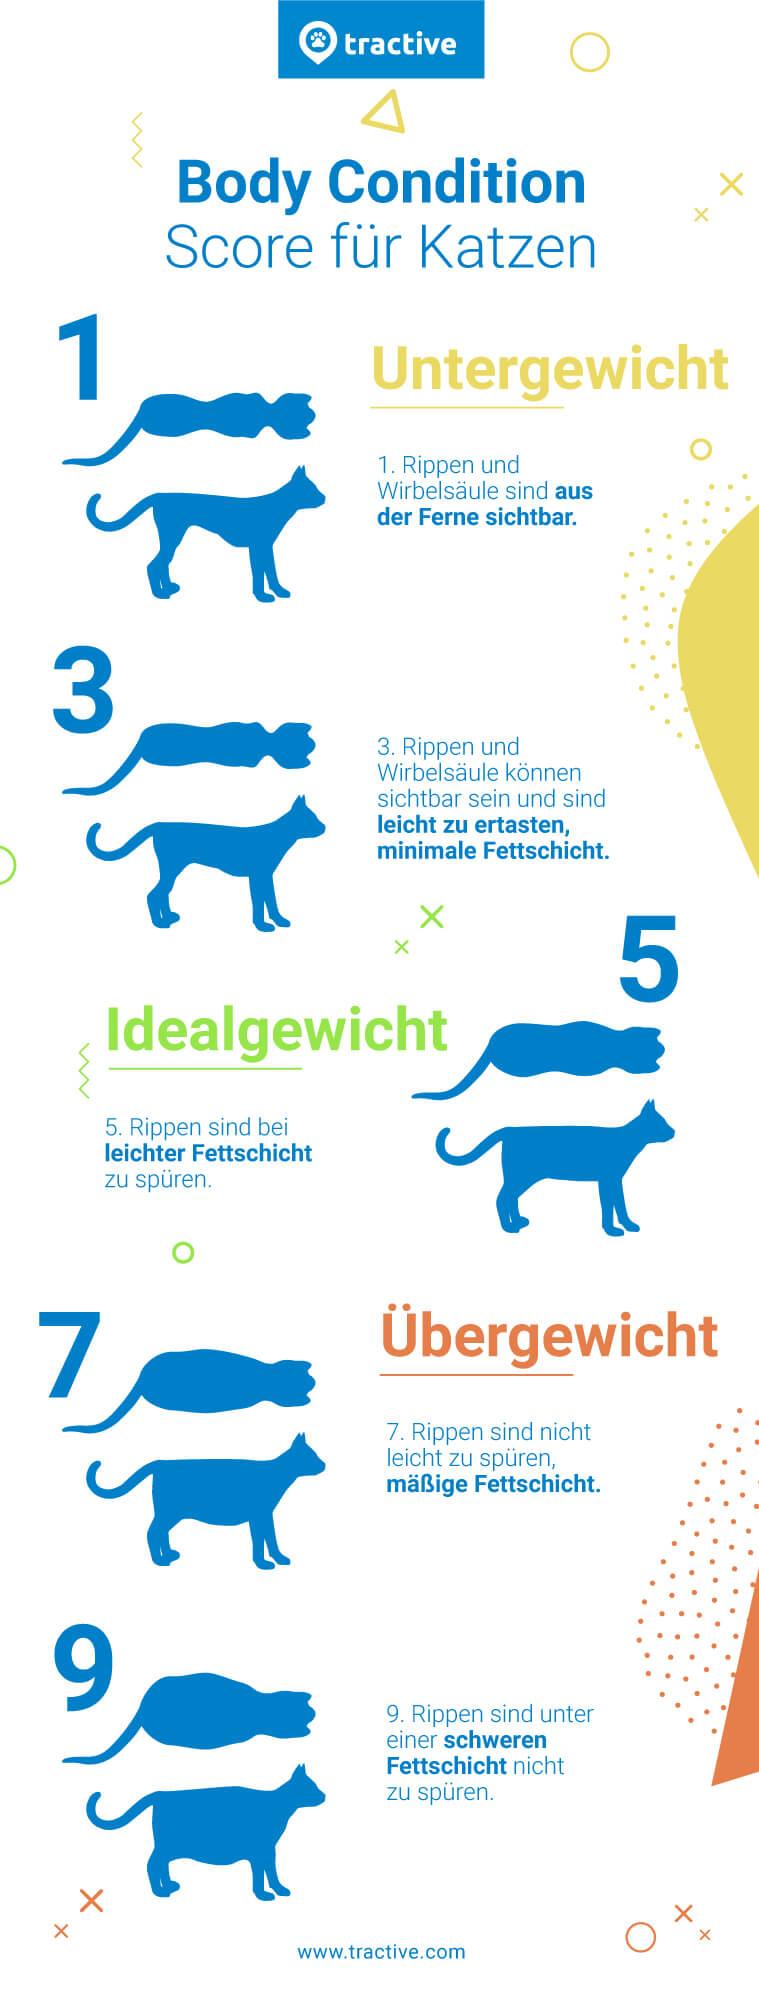 Body Condition Score Gewichts-Skala 1-9 für Katzen - Katze Übergewicht